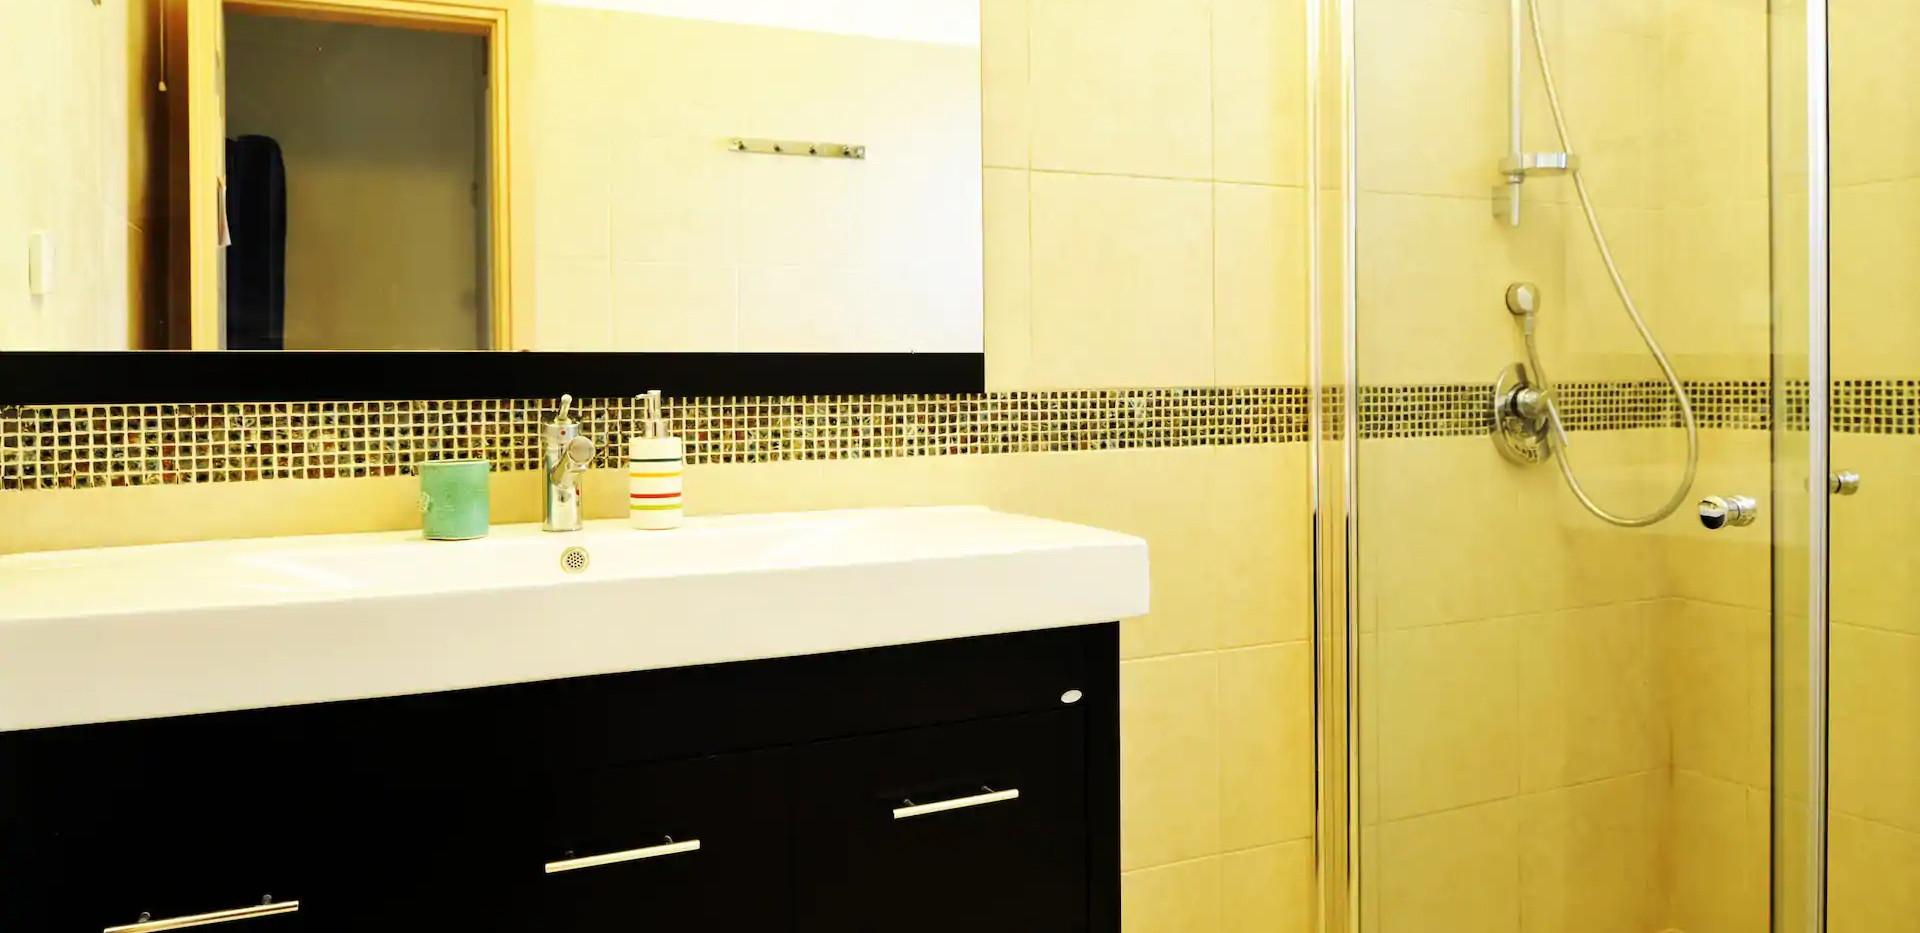 חדר רחצה נוסף בקומת הכניסה.נעים ונקי. The external shower room on the ground floor.